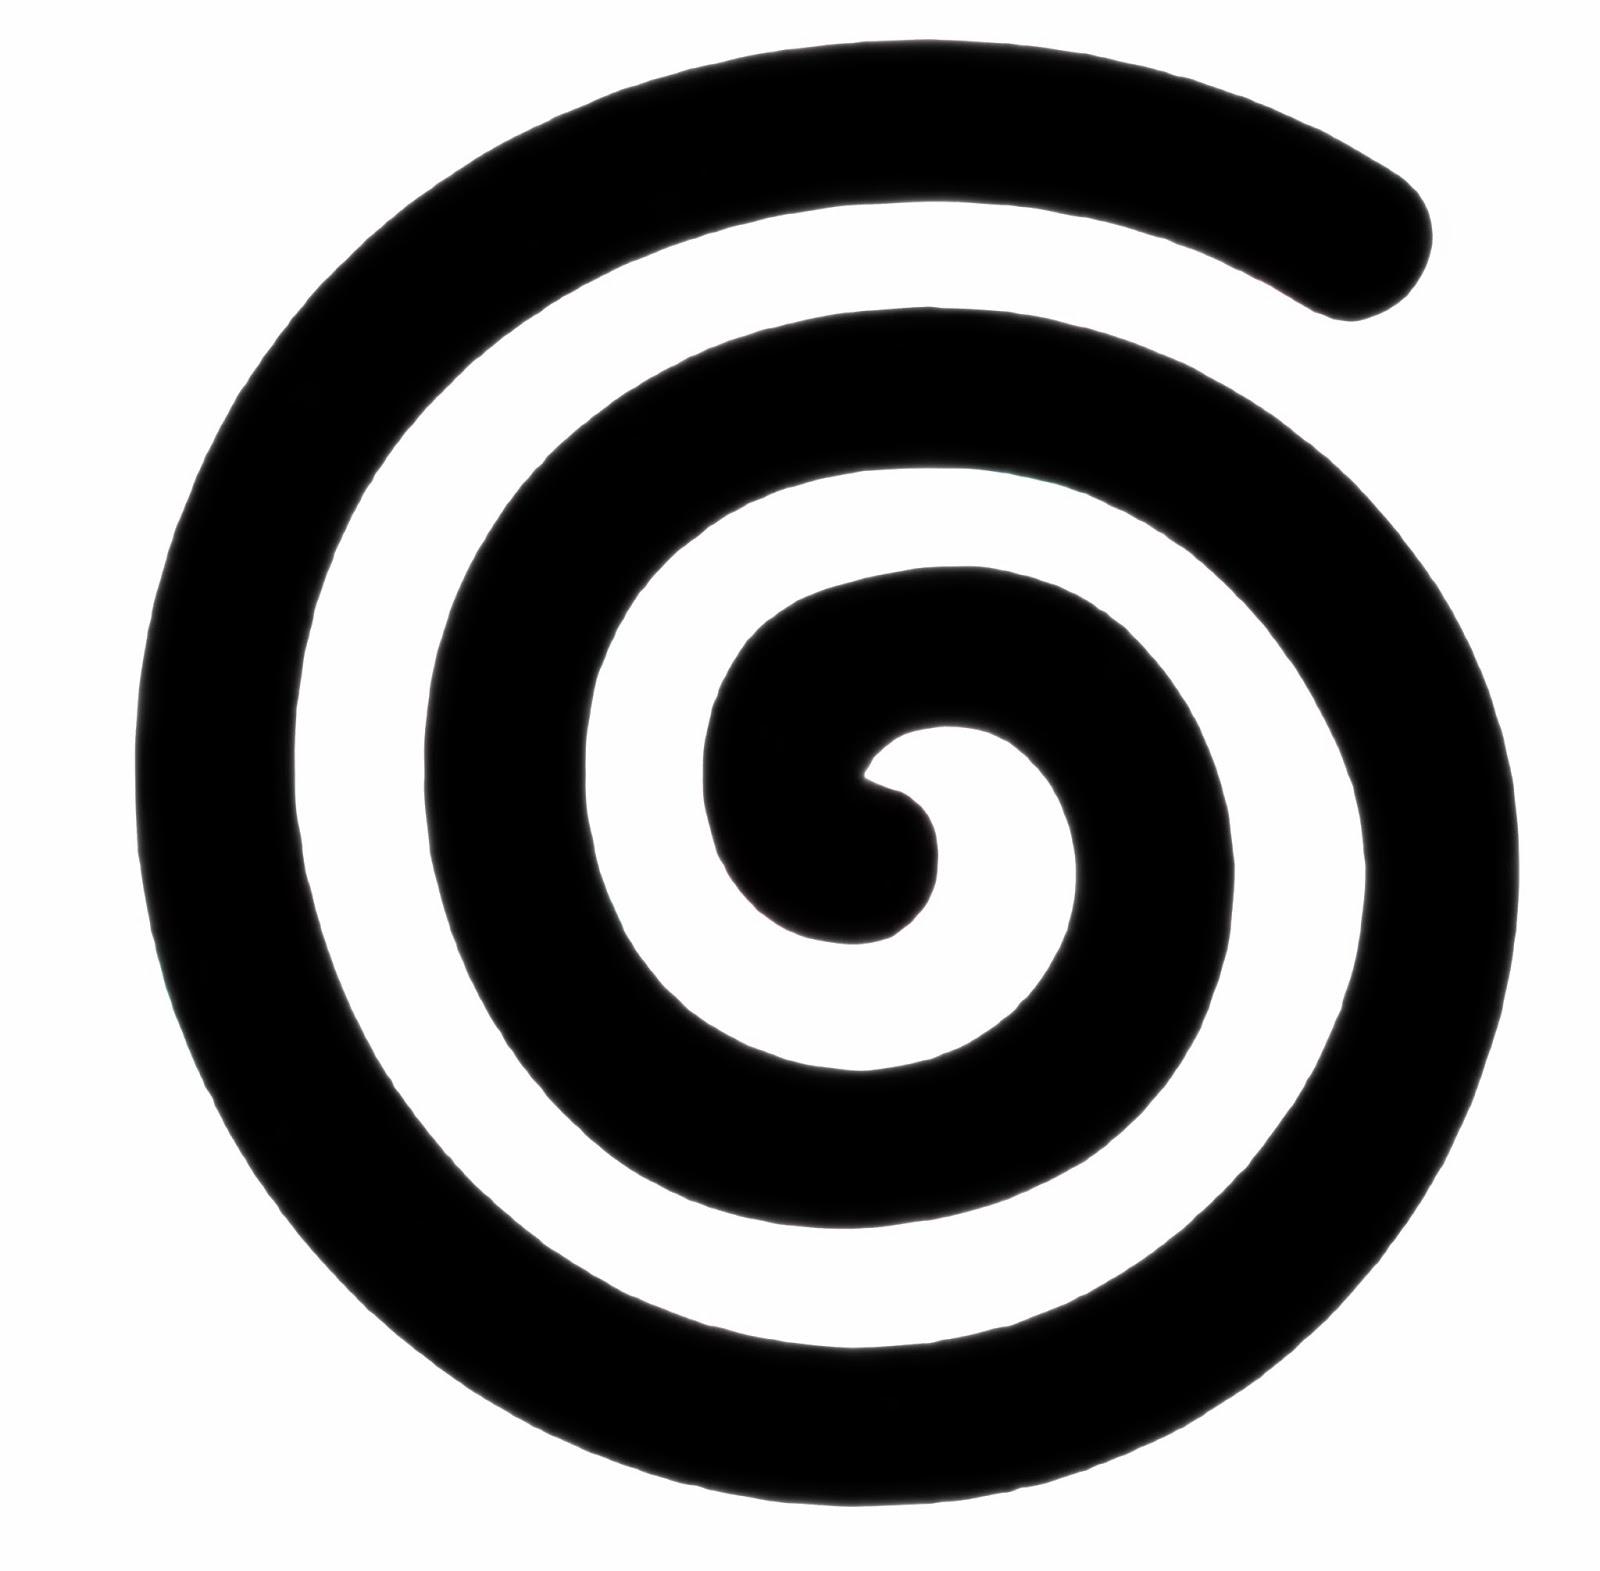 30 spiral tattoo designs black spiral tattoo design buycottarizona